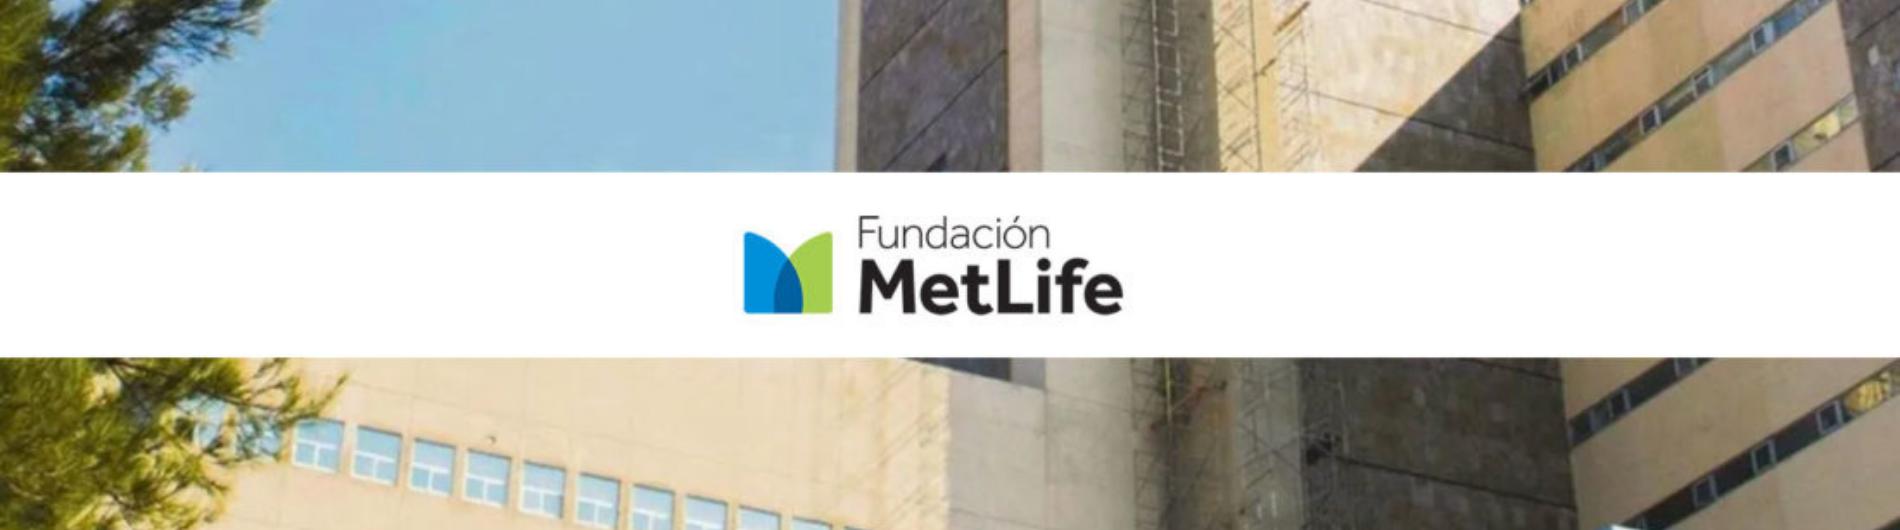 Fundación Metlife